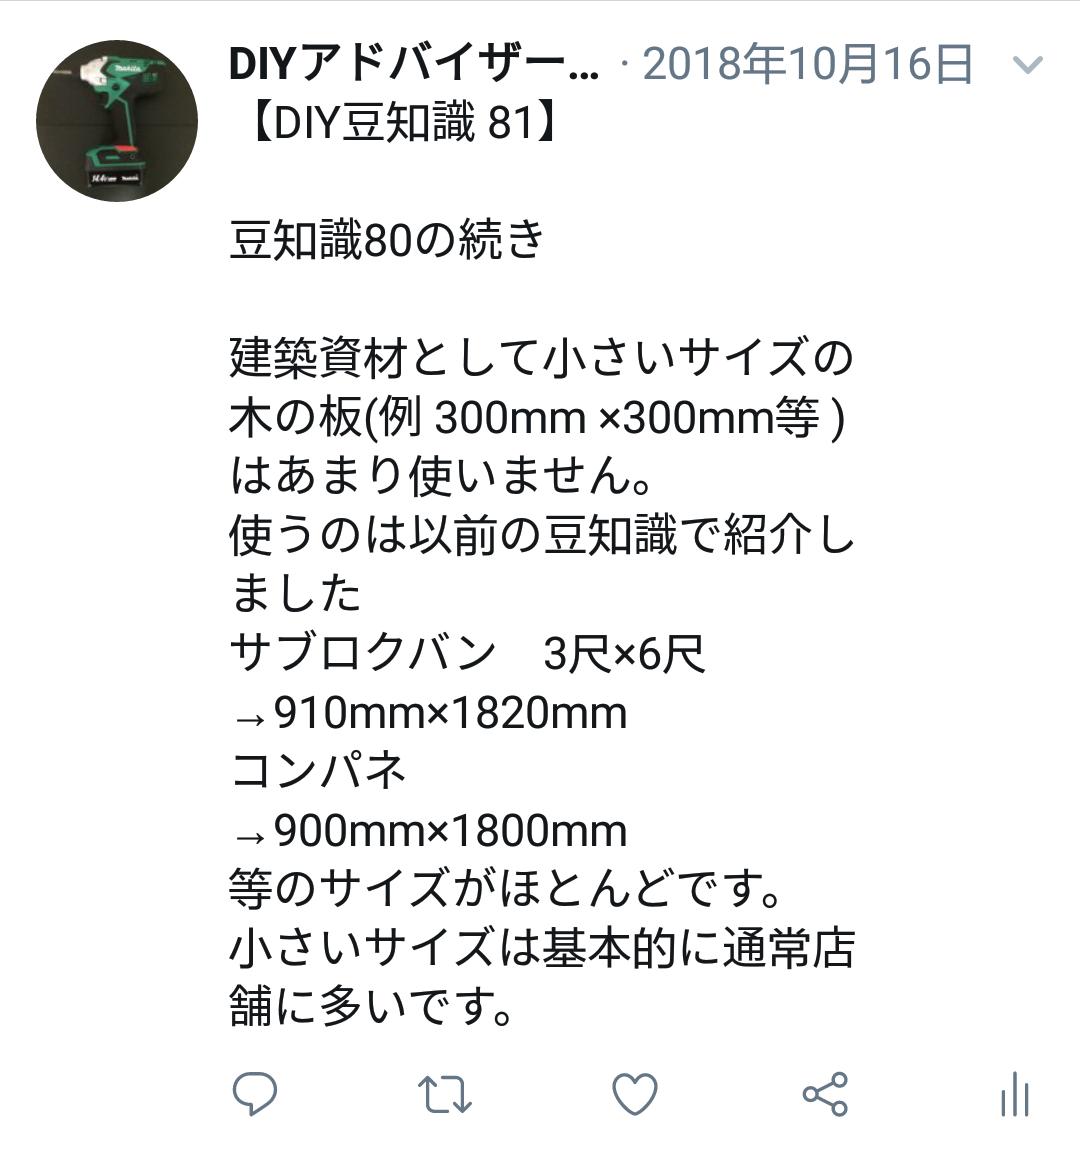 f:id:DIY33:20190406182603p:plain